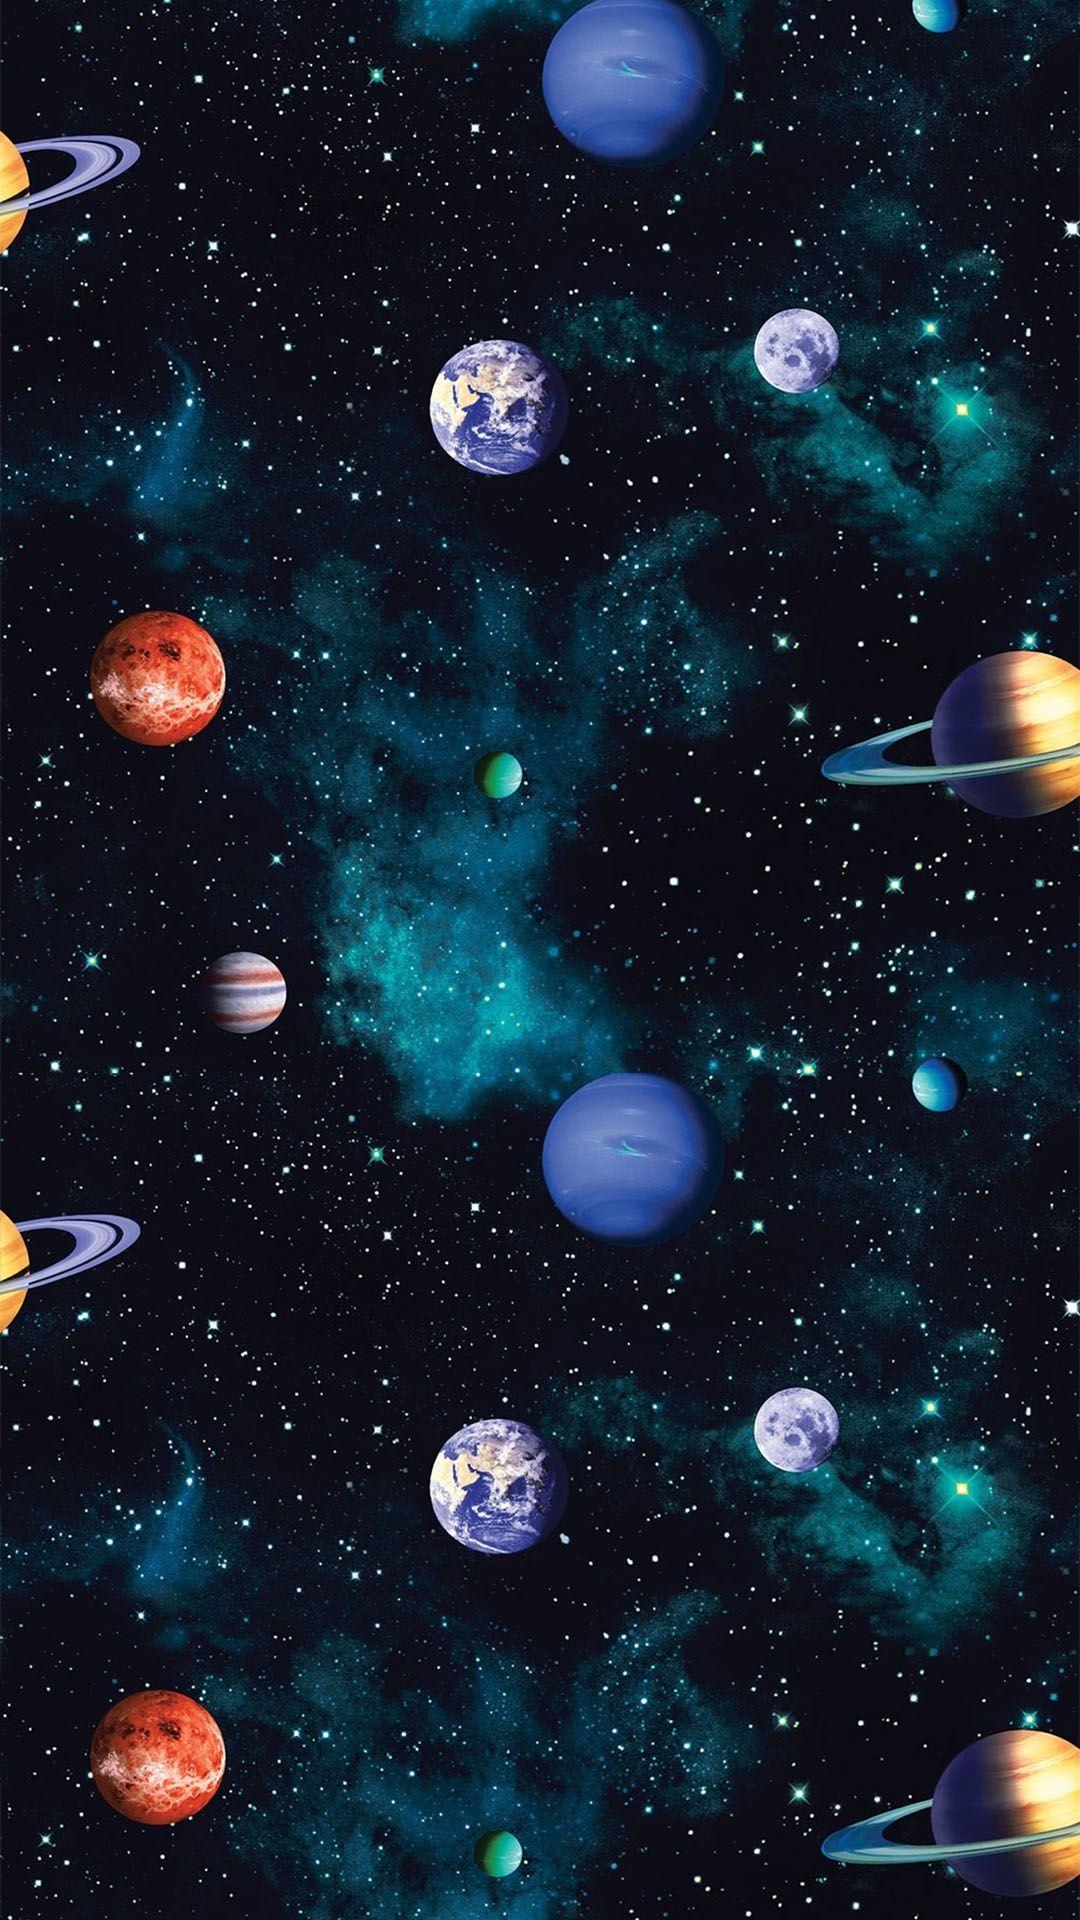 Обои space, planets, stars, cosmos. Космос foto 11